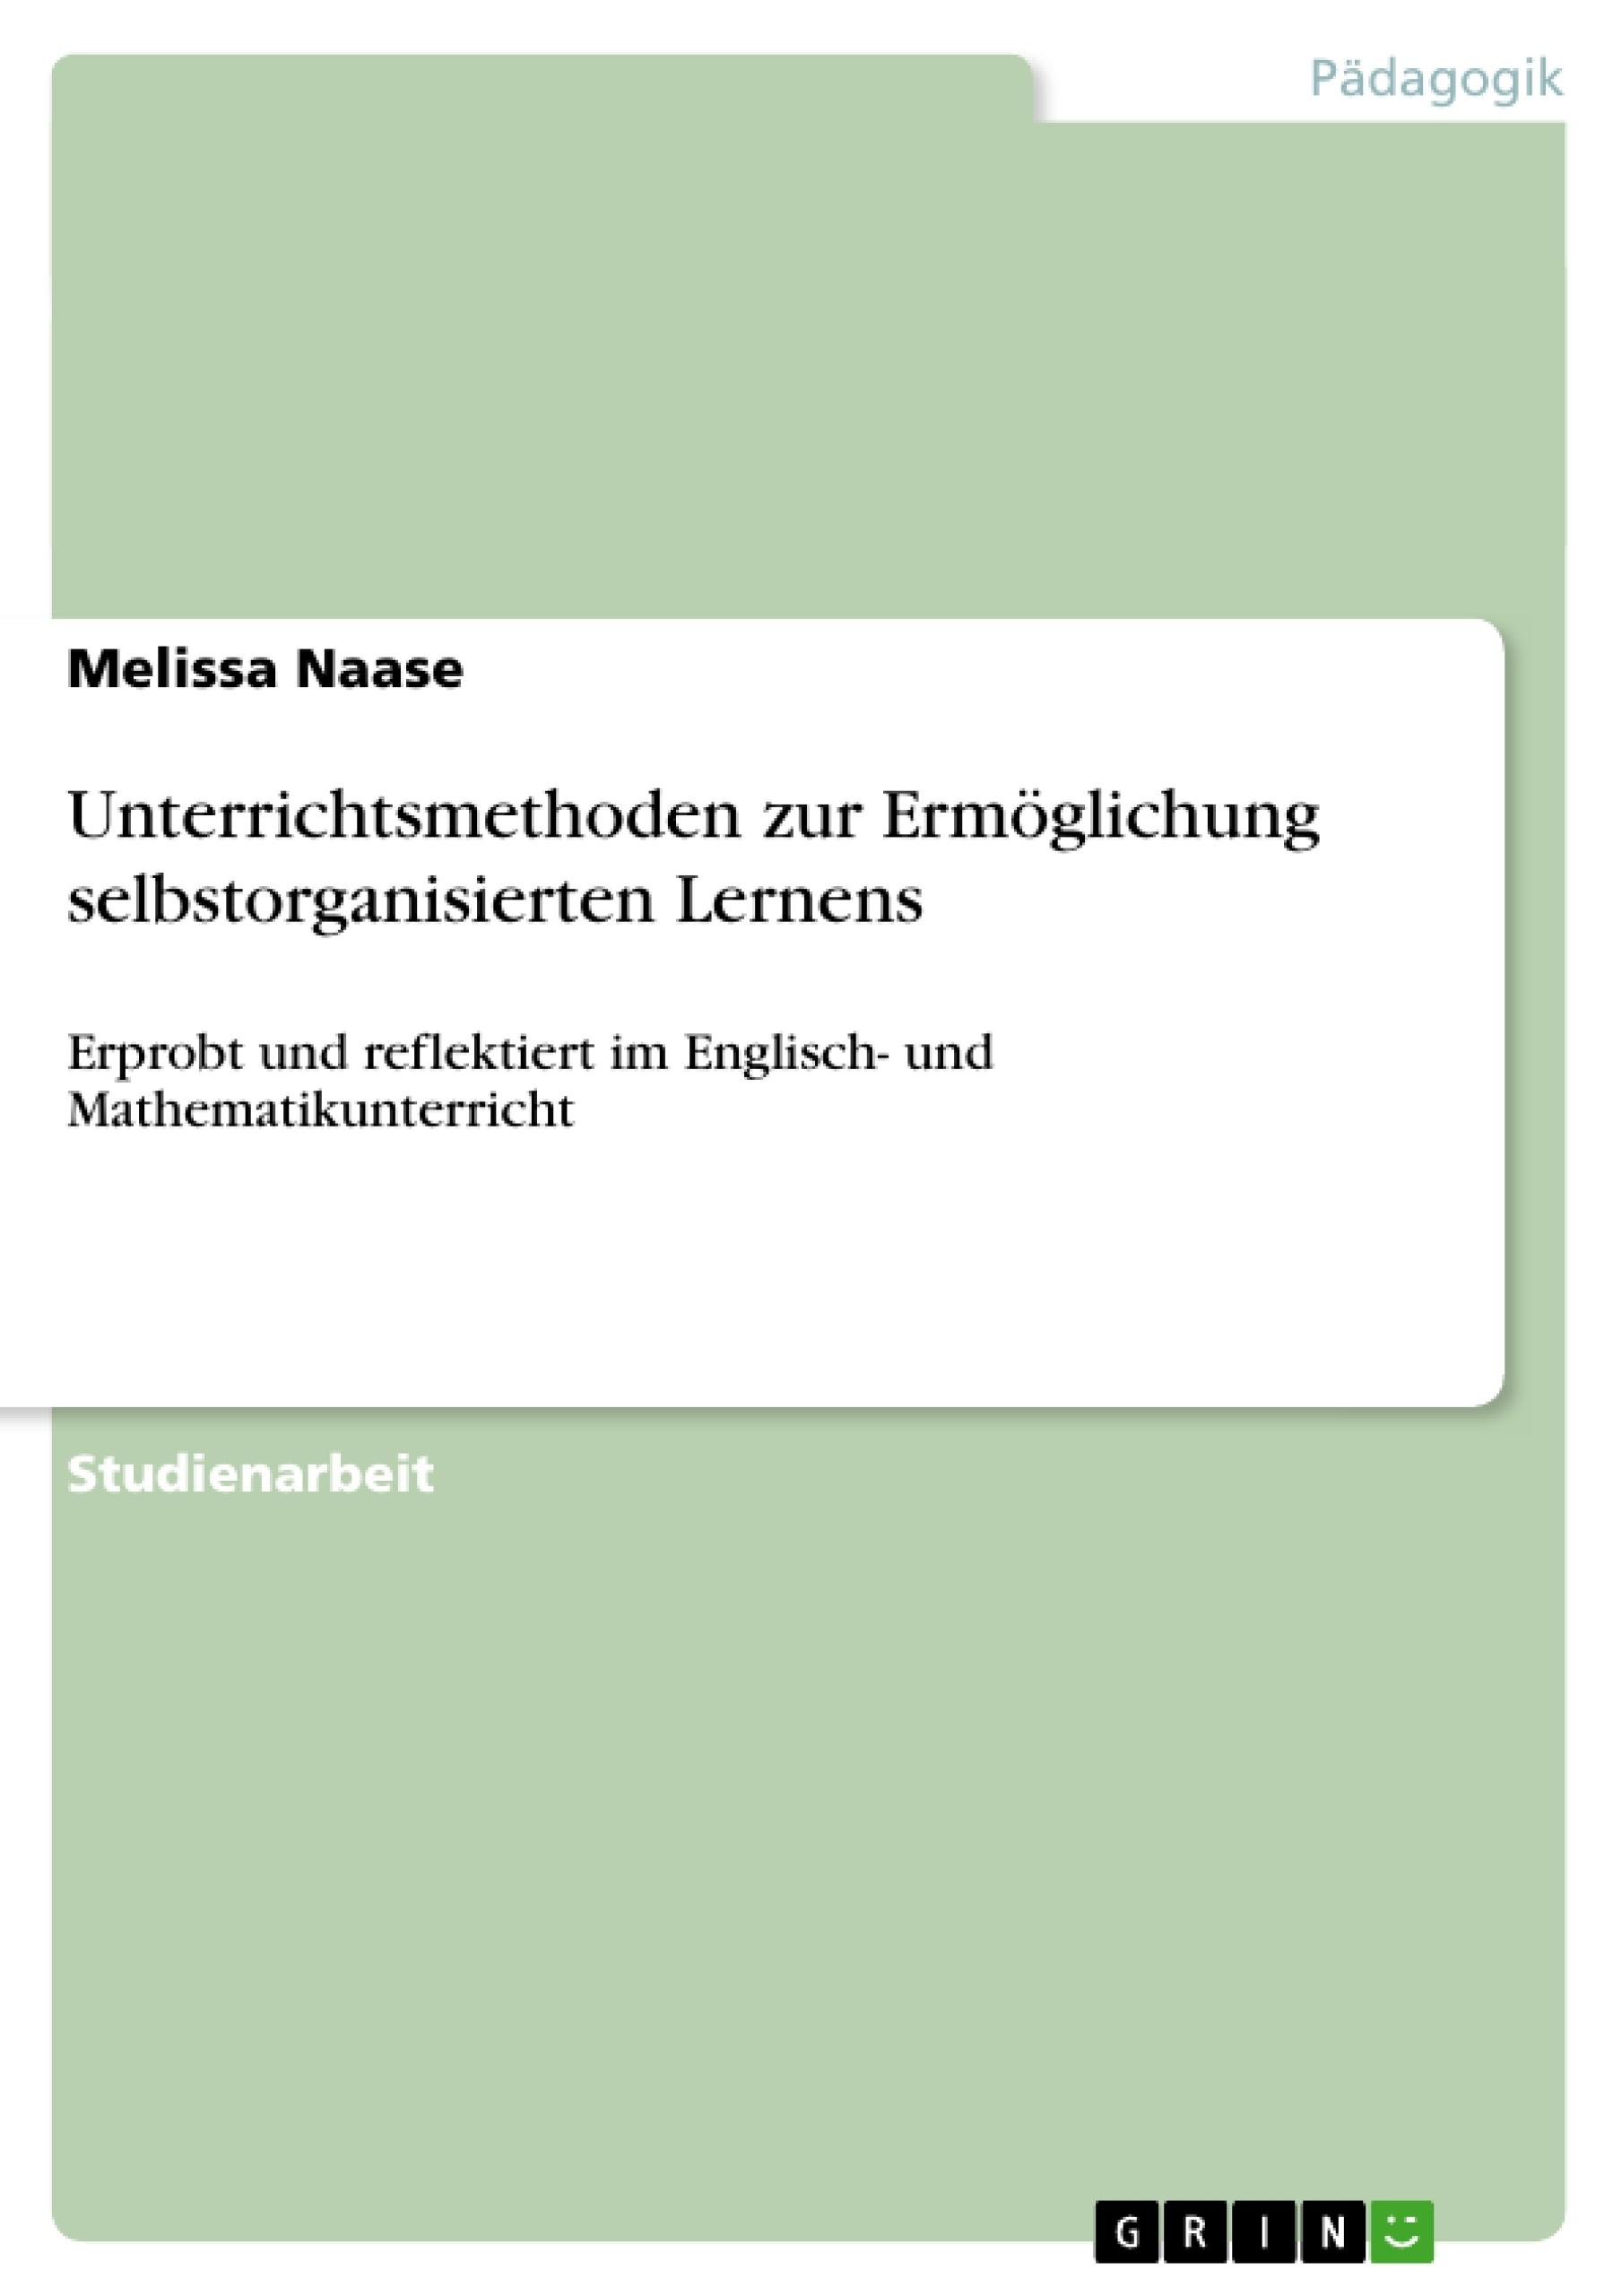 book Anweisung für